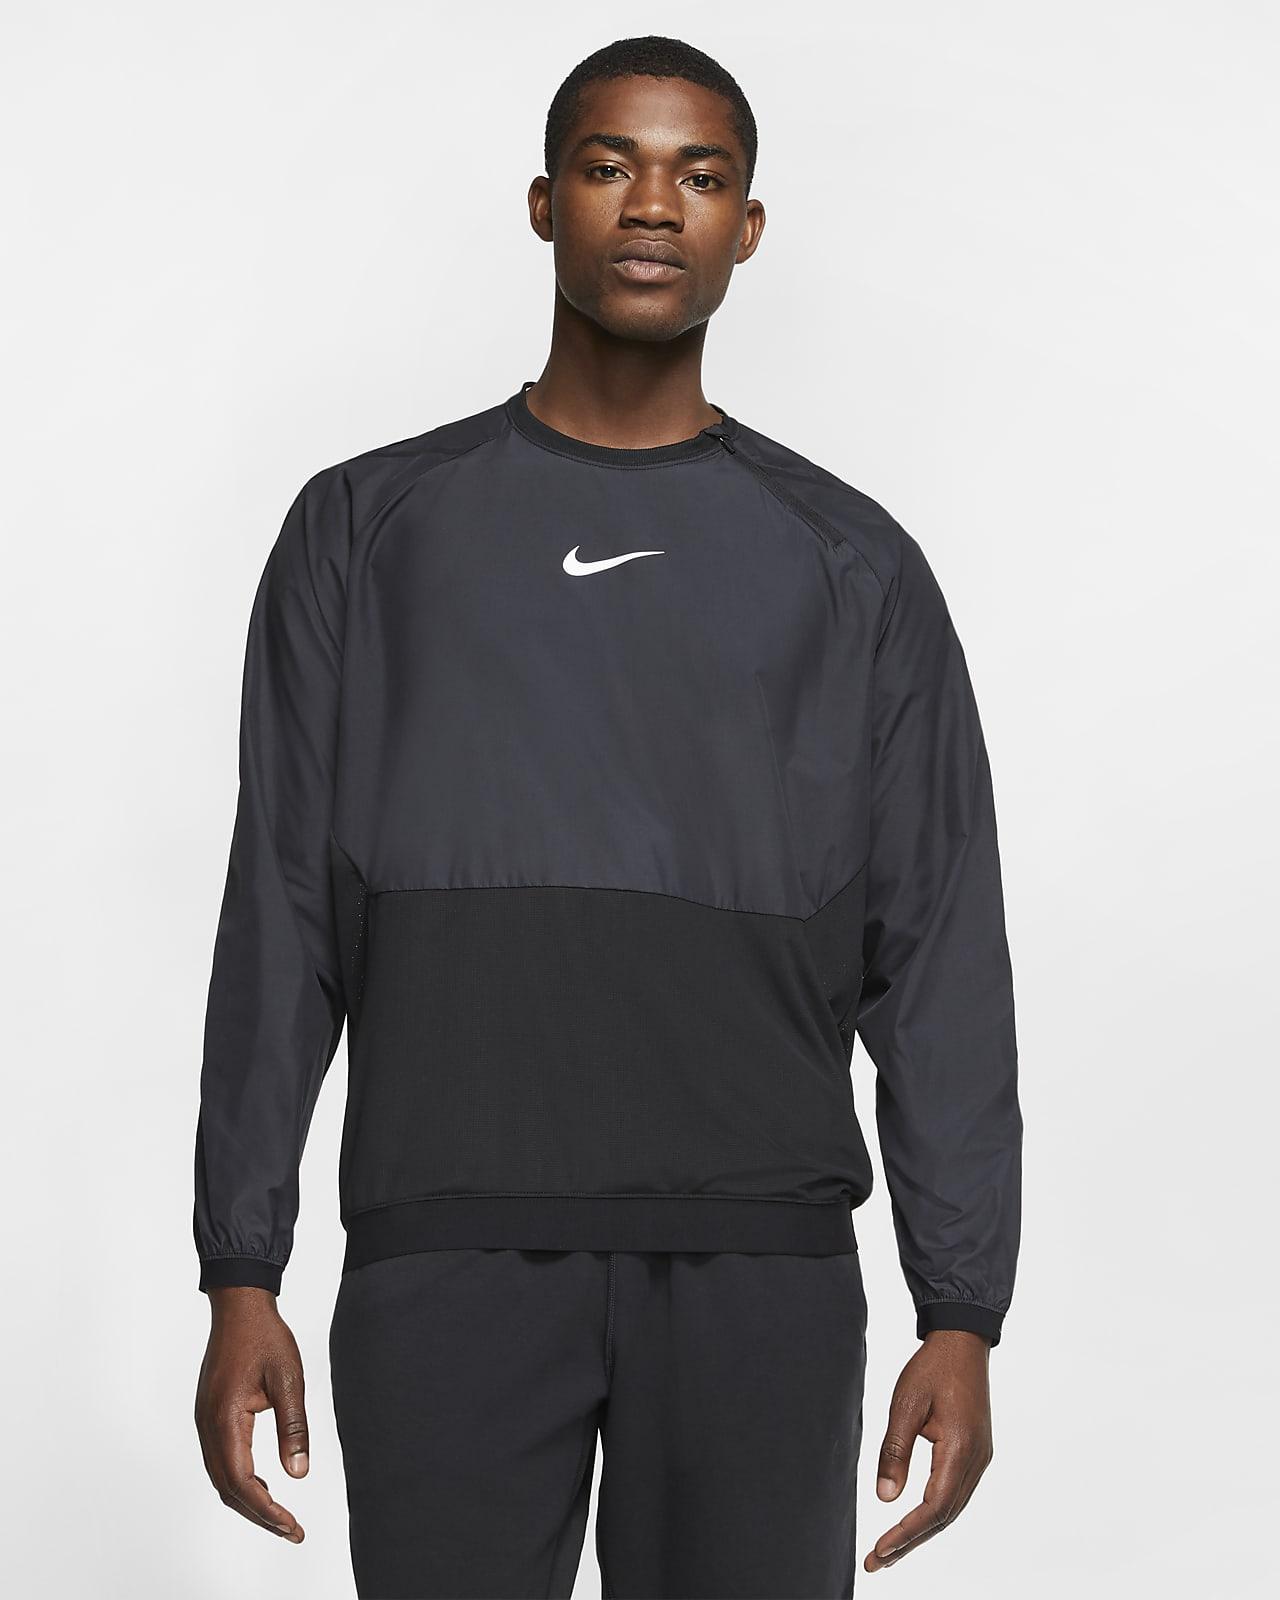 il vento è forte Artefatto Essere soddisfatto  Nike Pro Men's Long-Sleeve Top. Nike.com